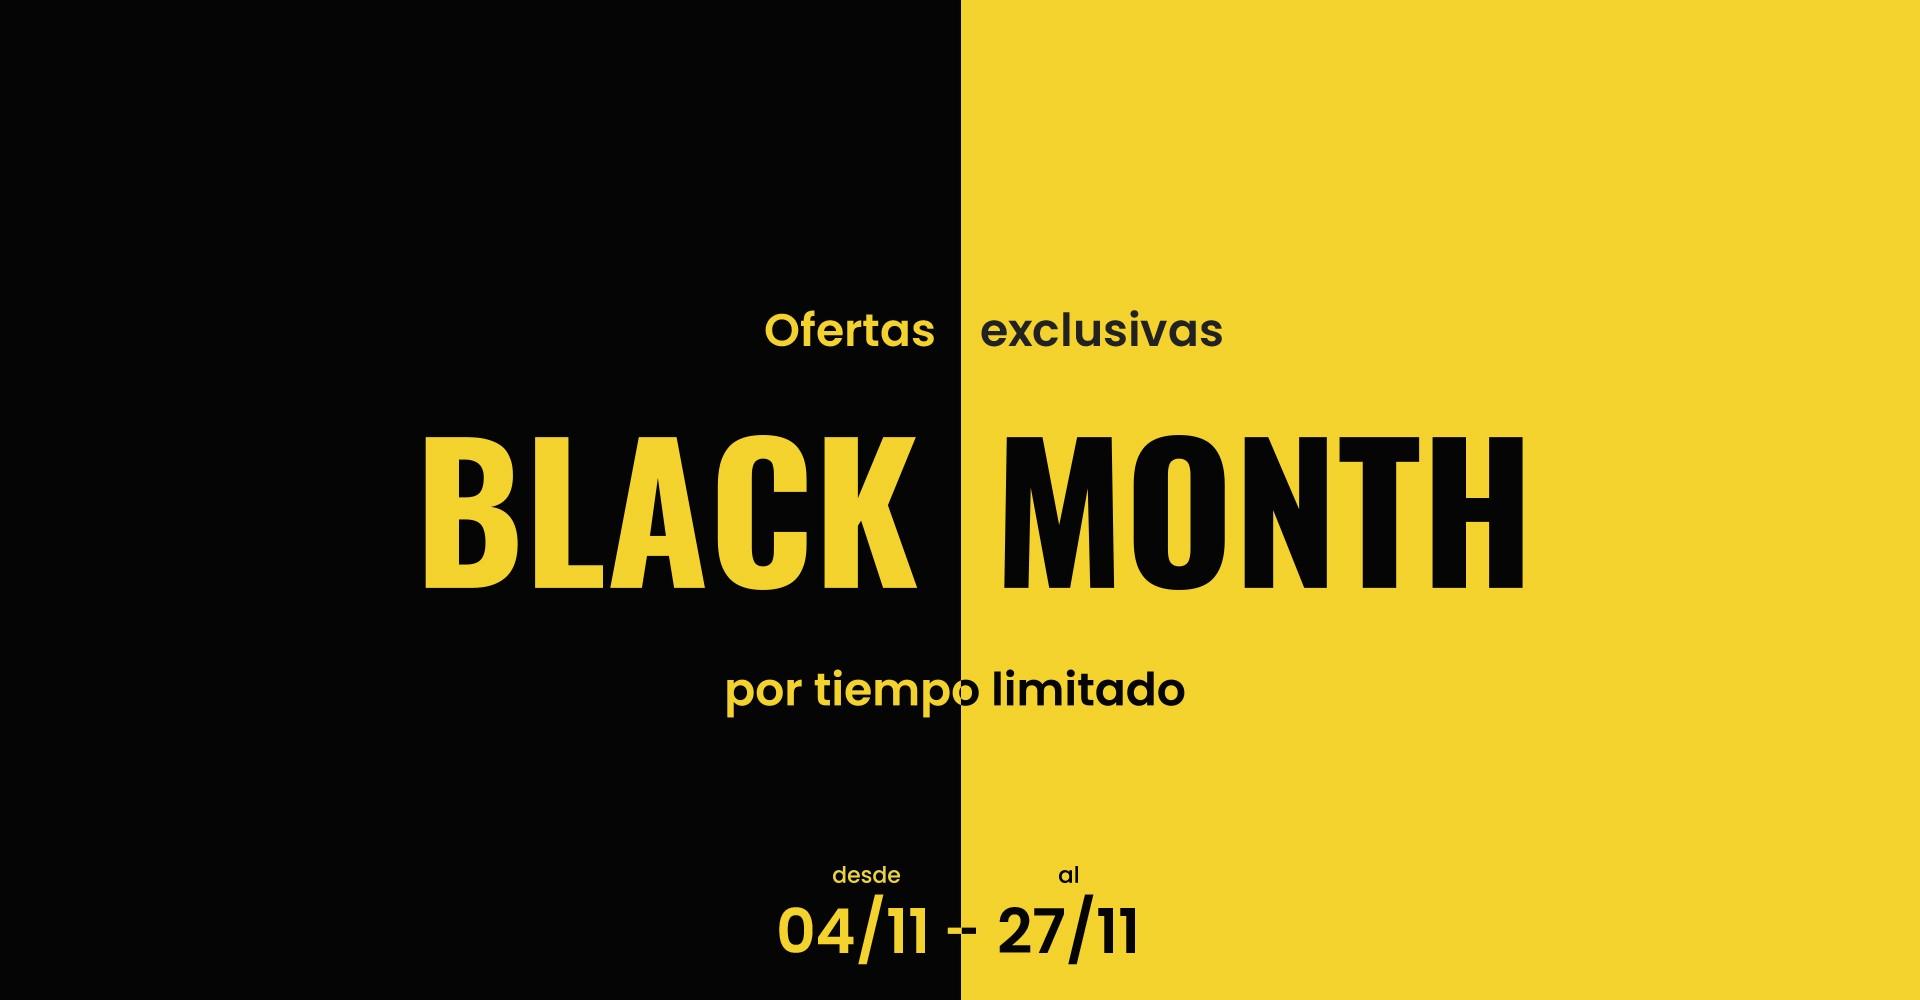 OFERTAS BLACK MONTH POR TIEMPO LIMITADO